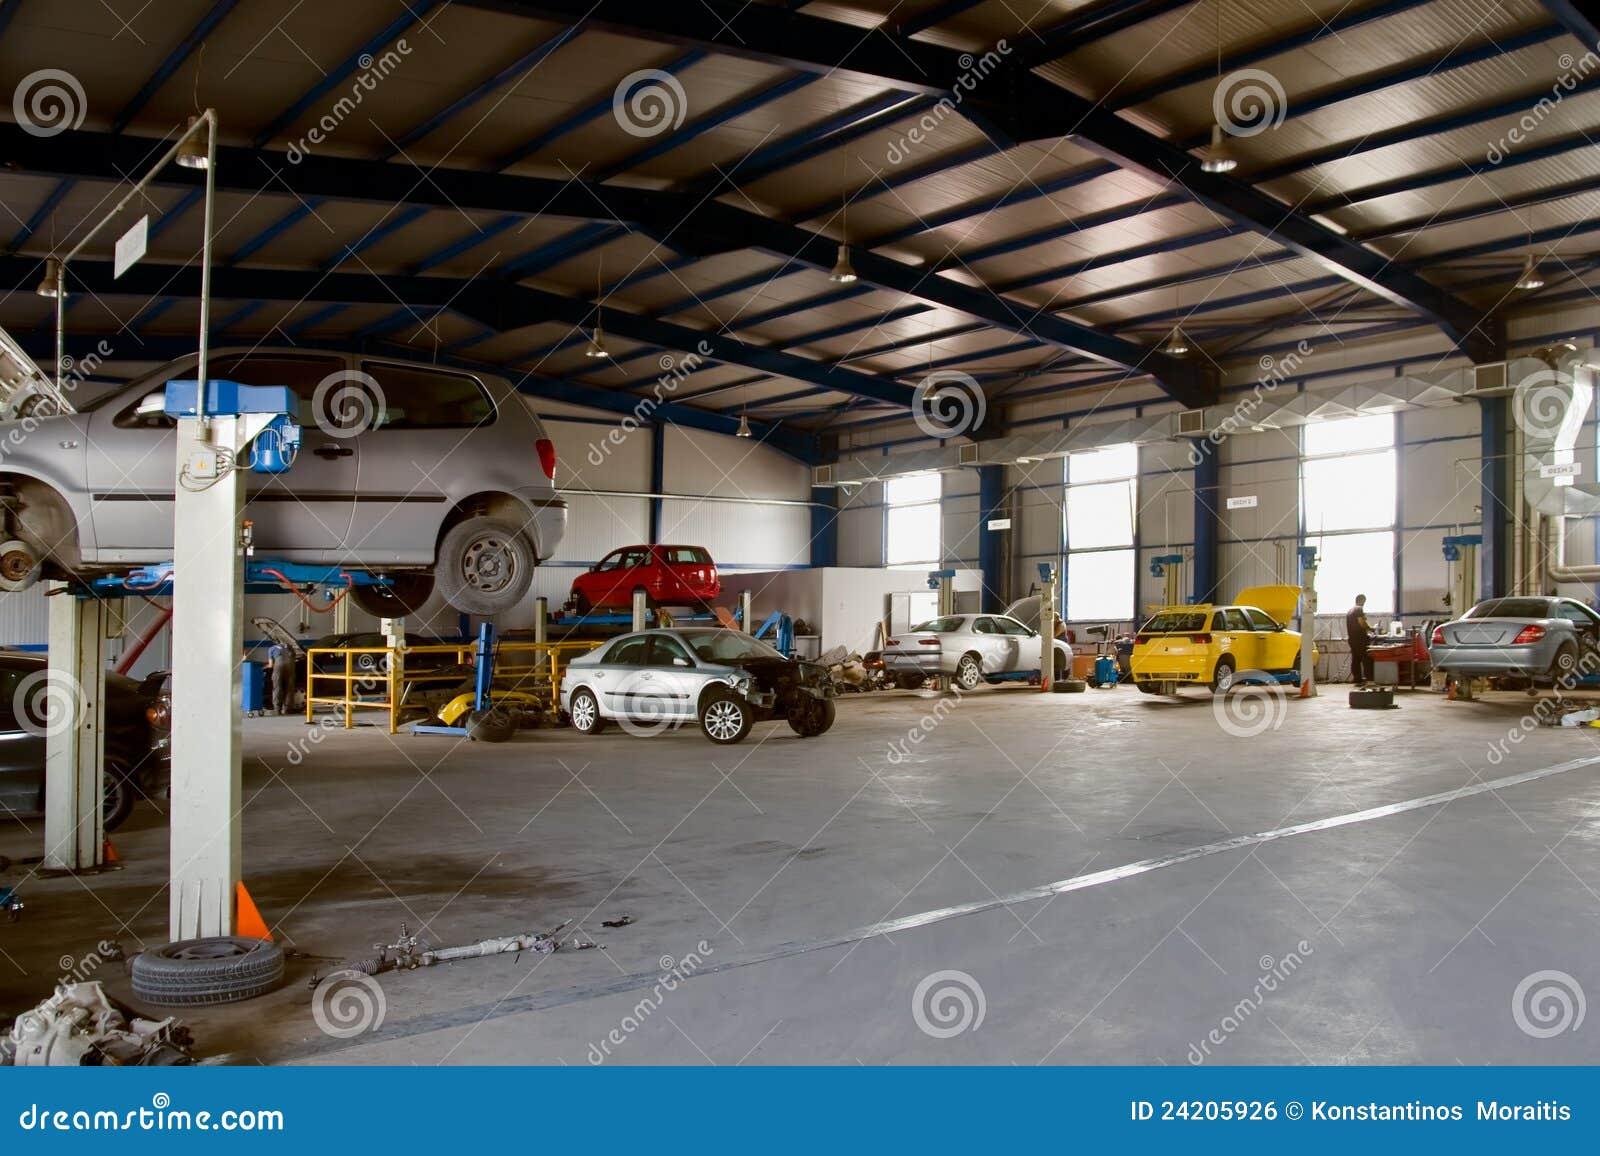 Garage Vehicle Services : Auto garage clipart